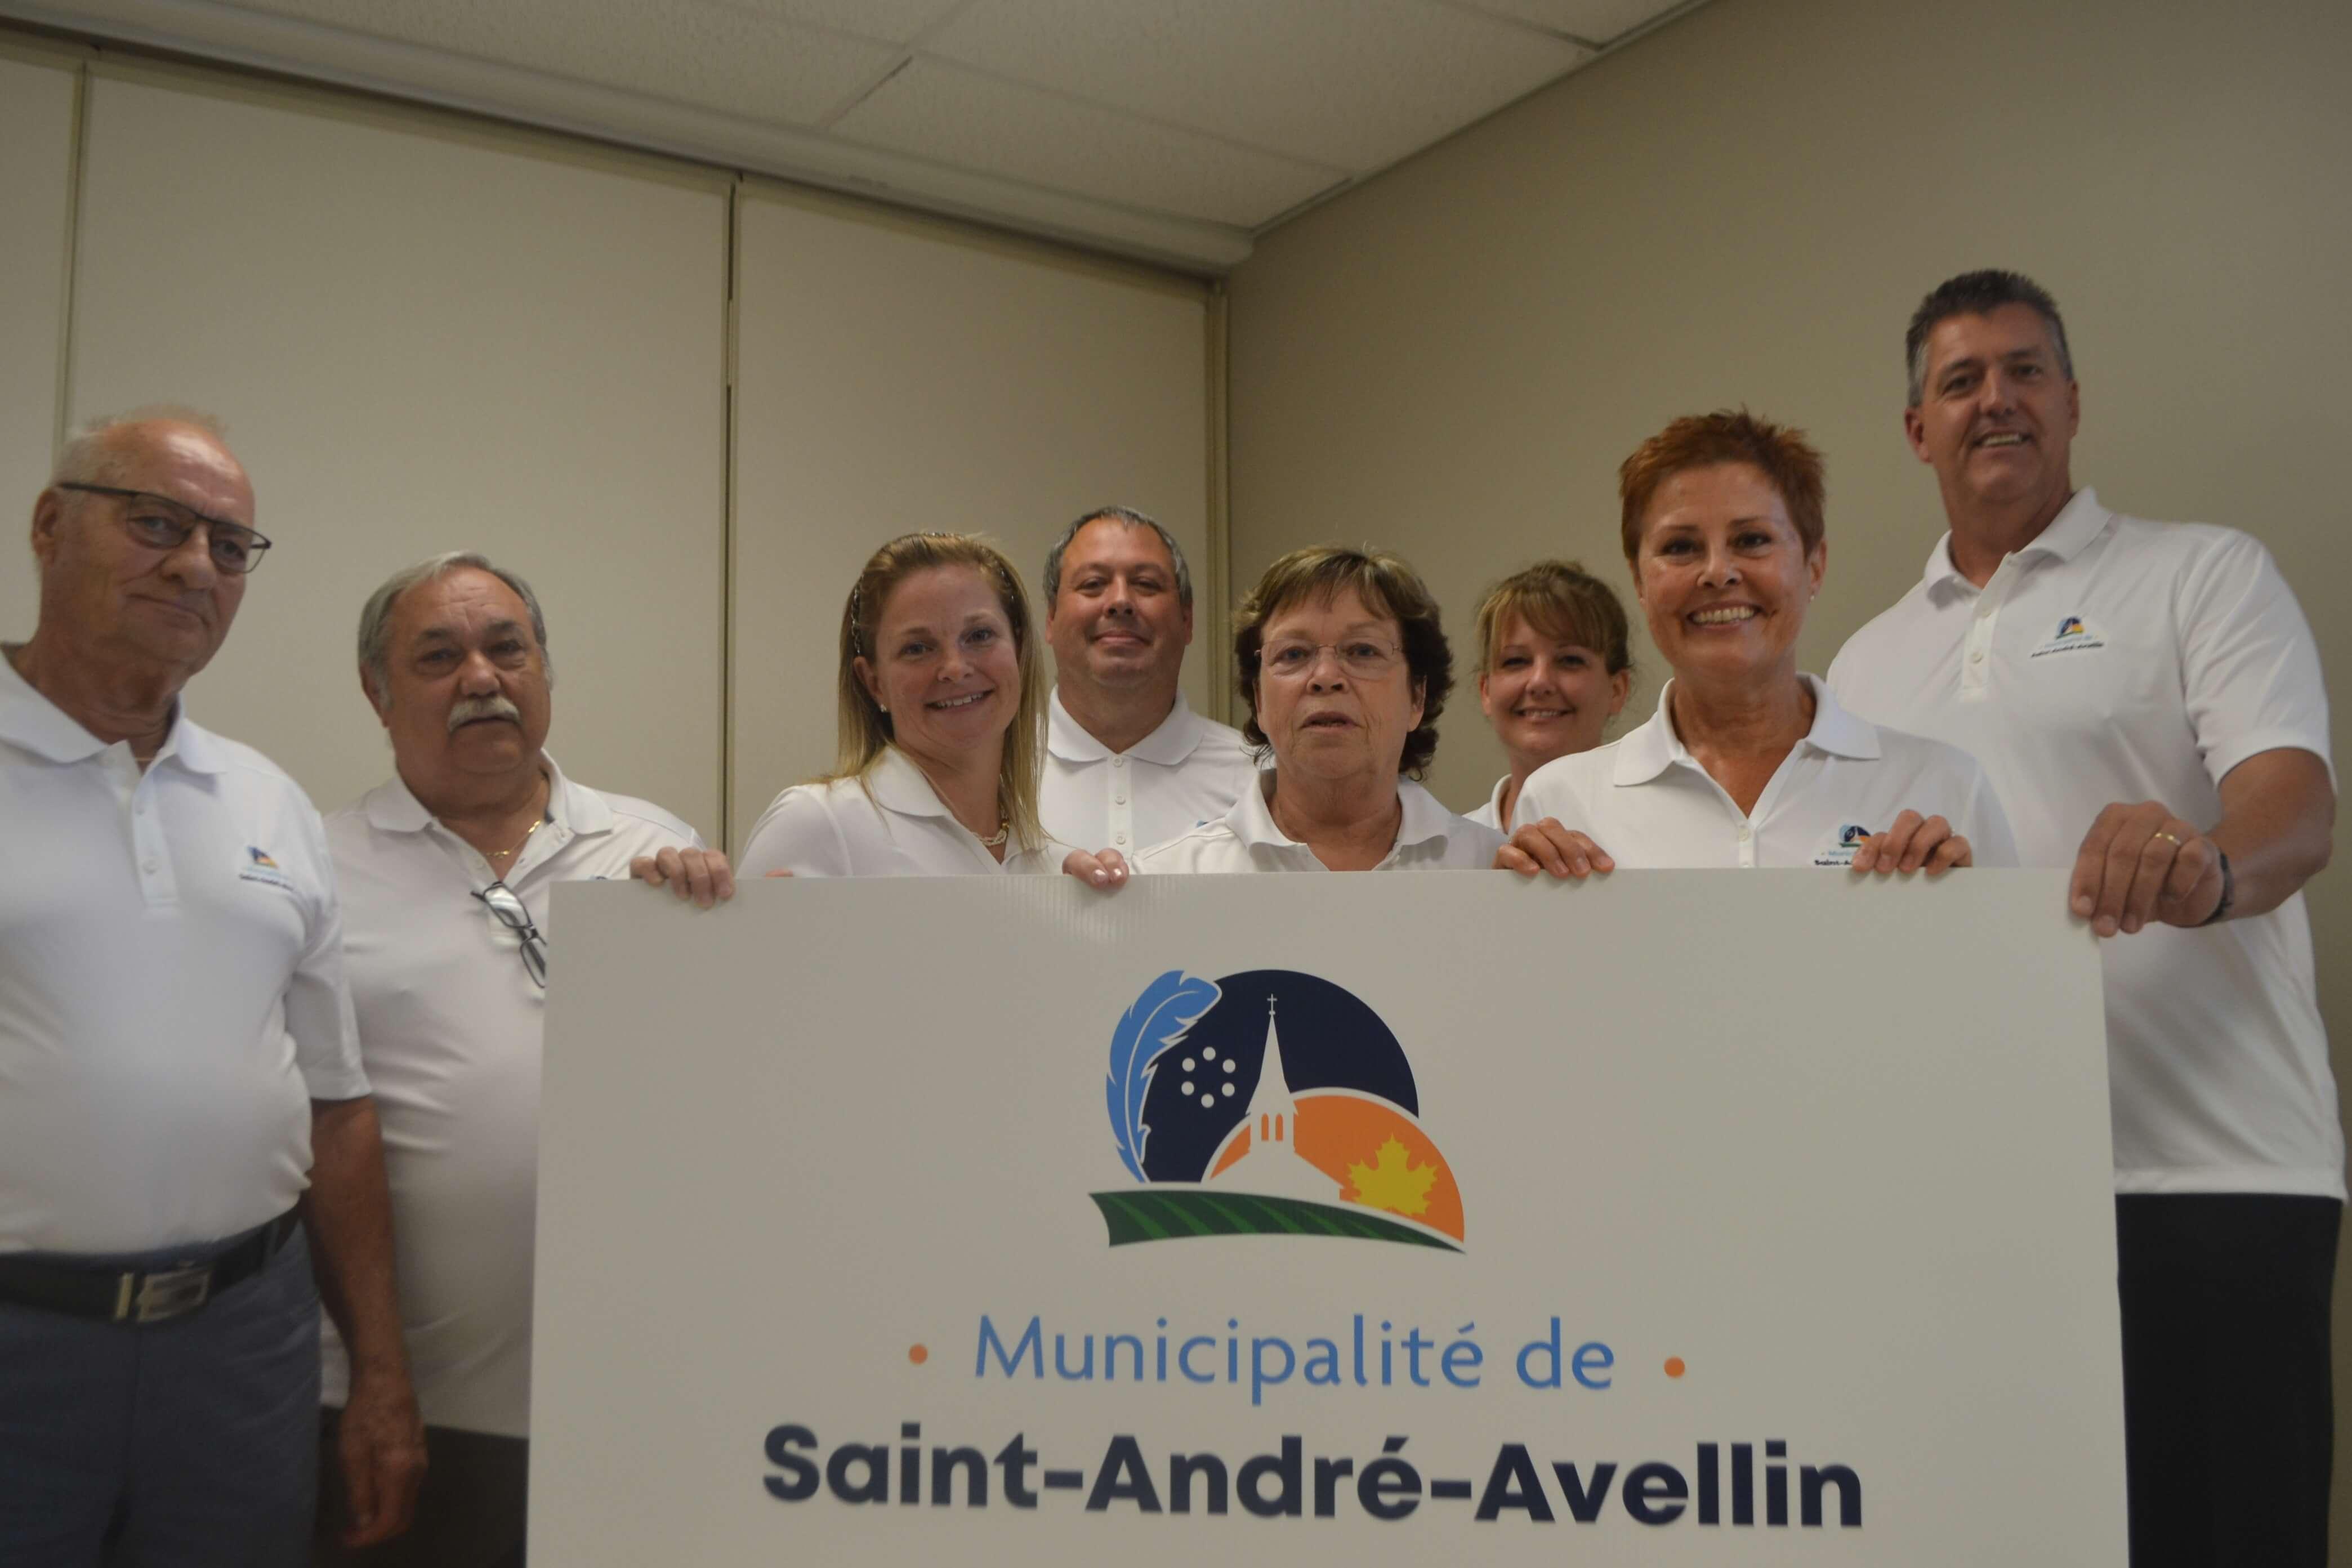 Saint-André-Avellin